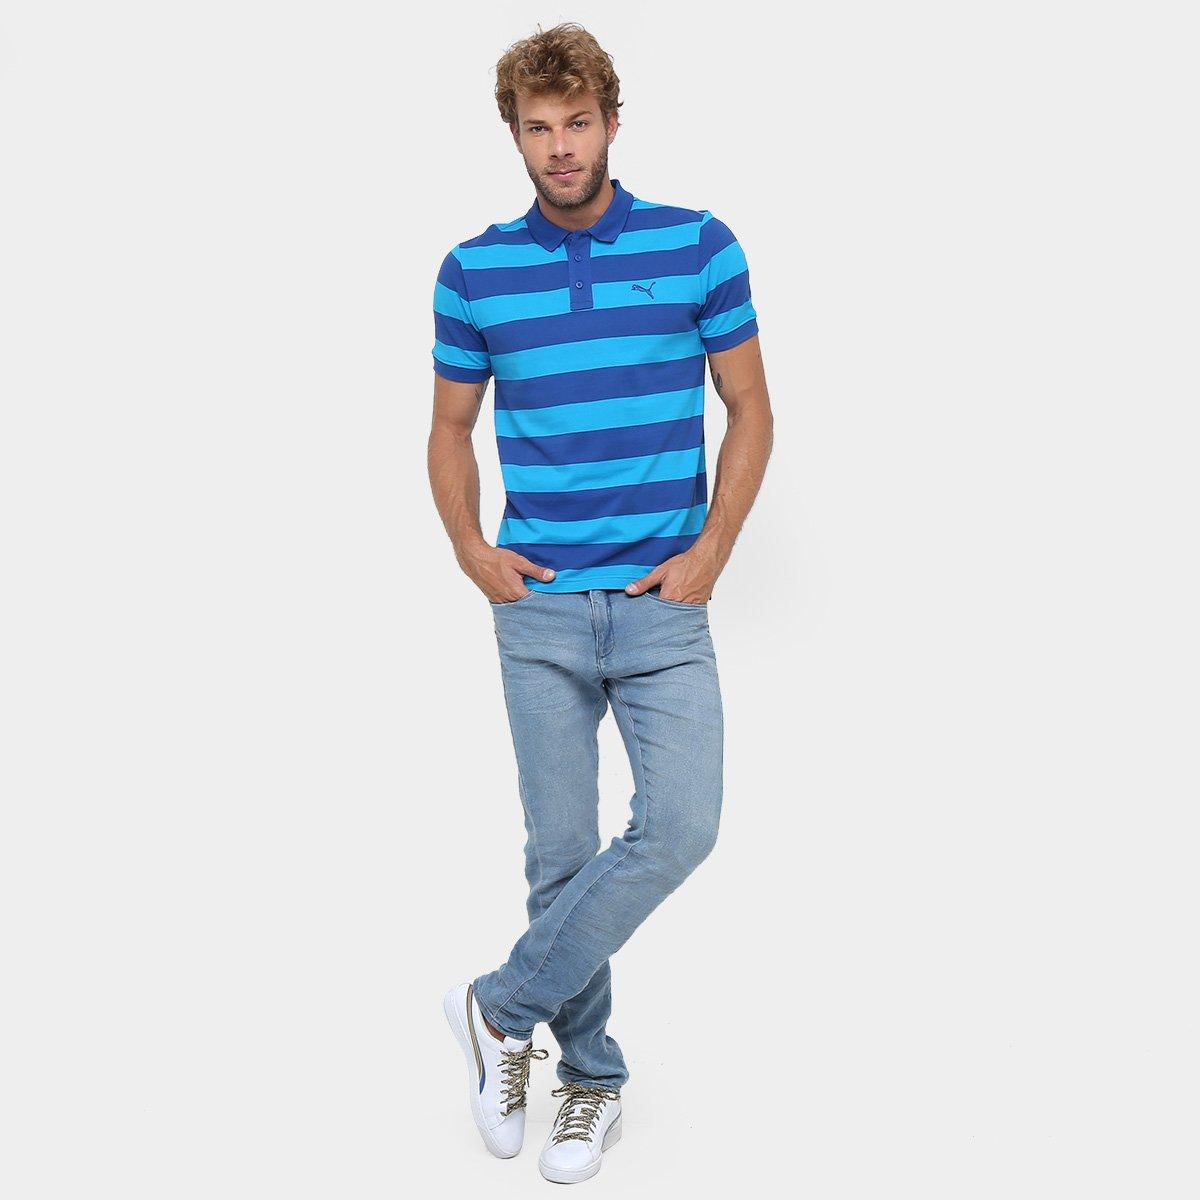 Camisa Polo Puma Ess Striped Pique Masculina - Azul - Compre Agora ... adbb77932f4b0